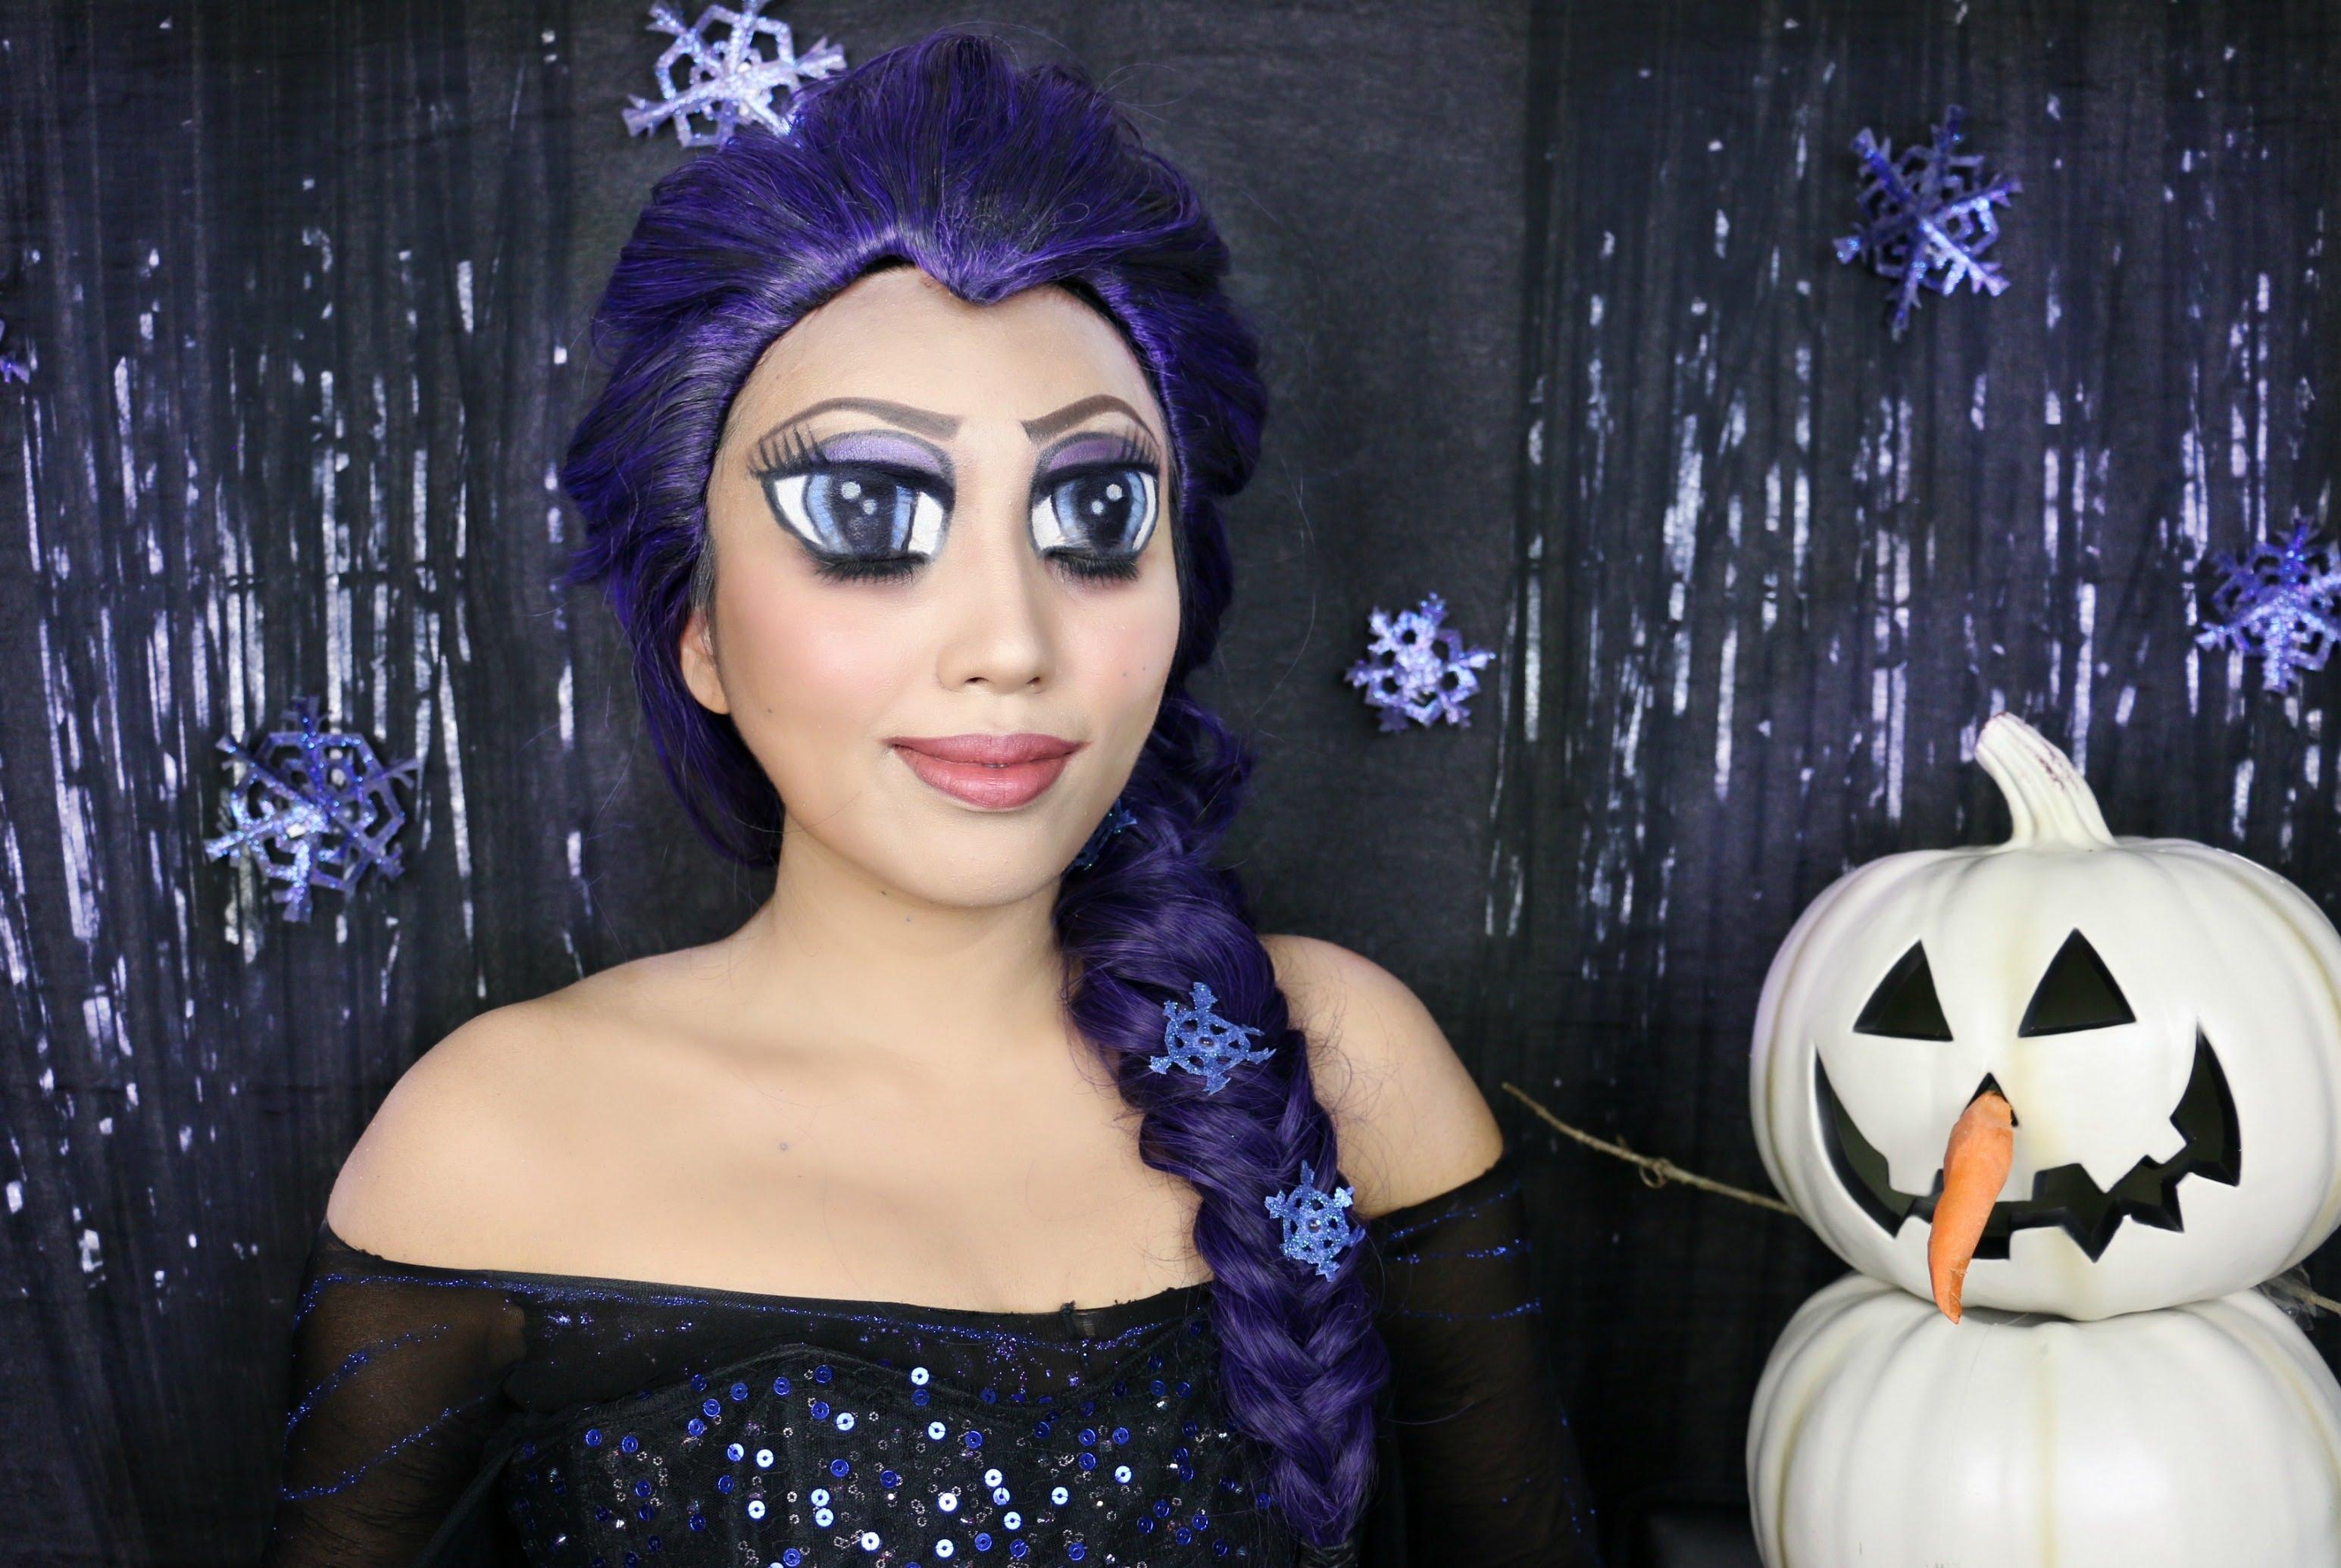 Anime Big Eyes Using Makeup